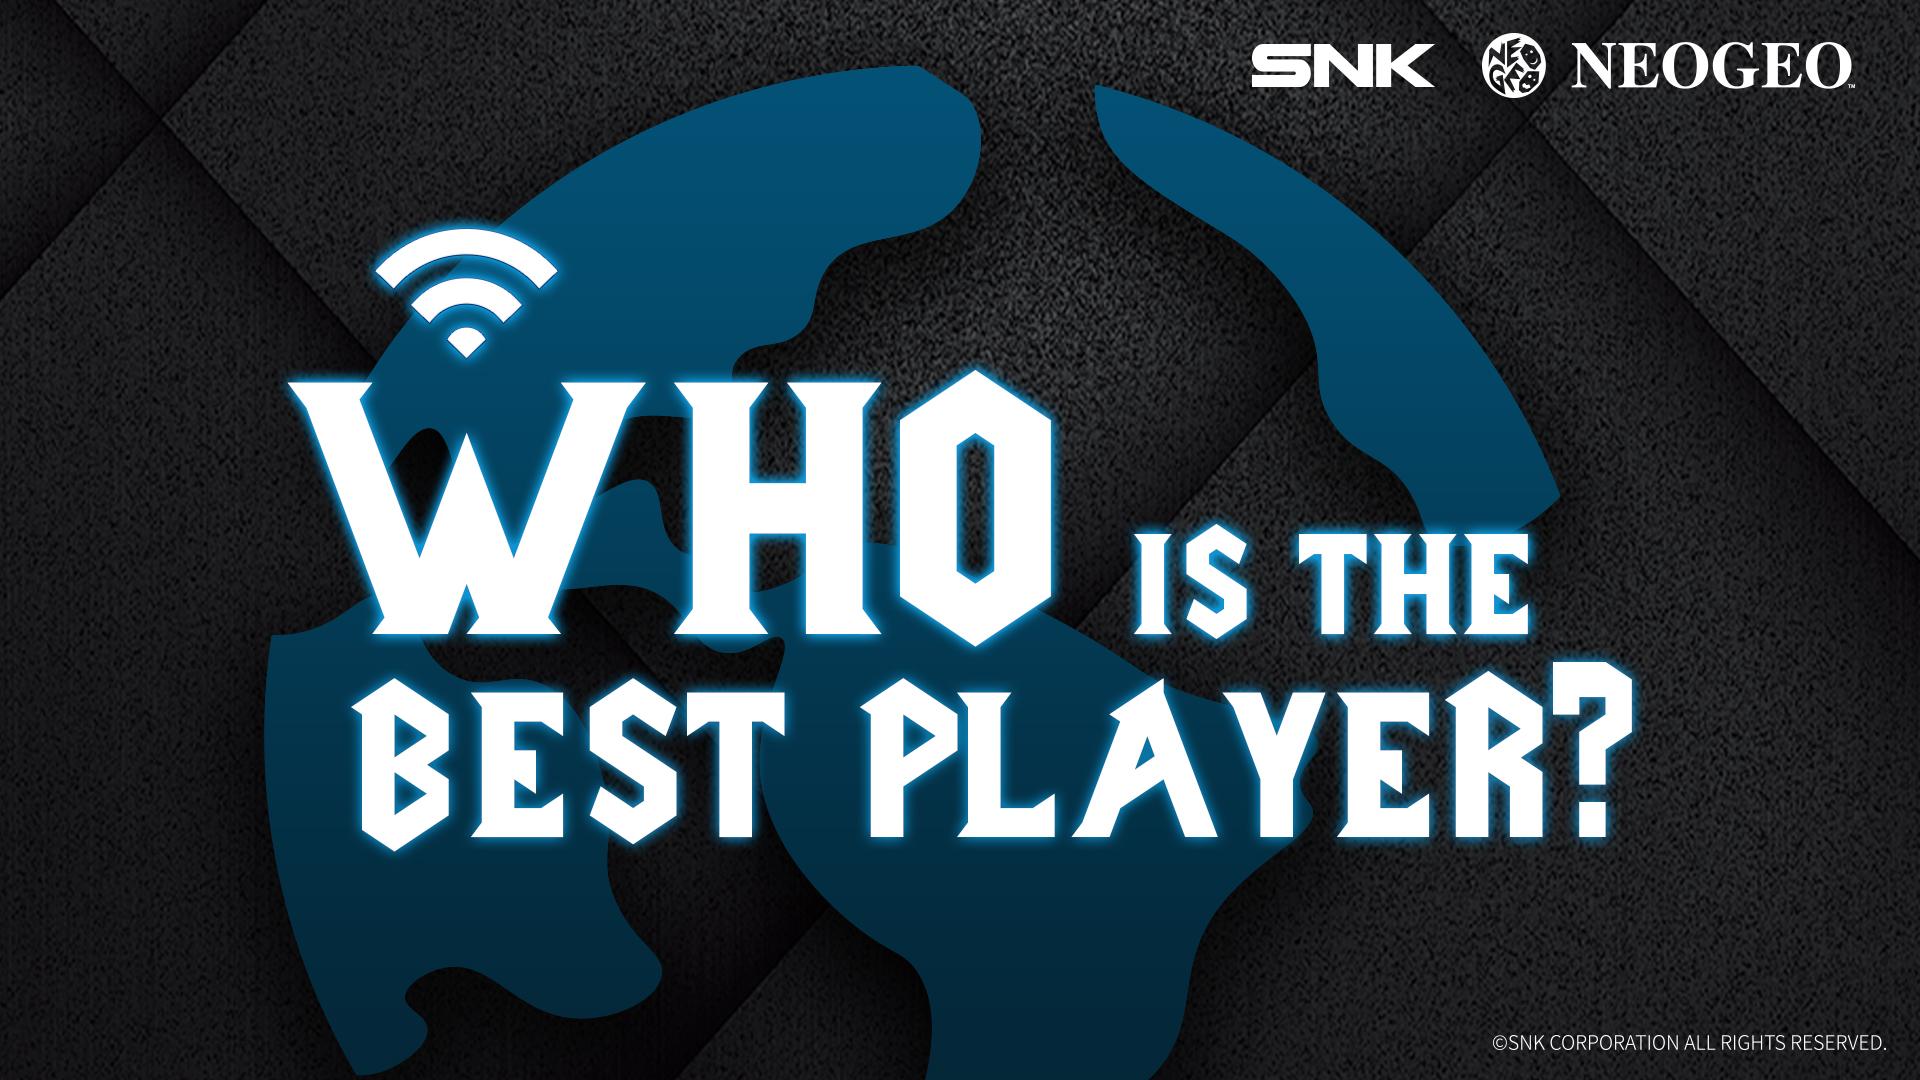 Novo console da SNK